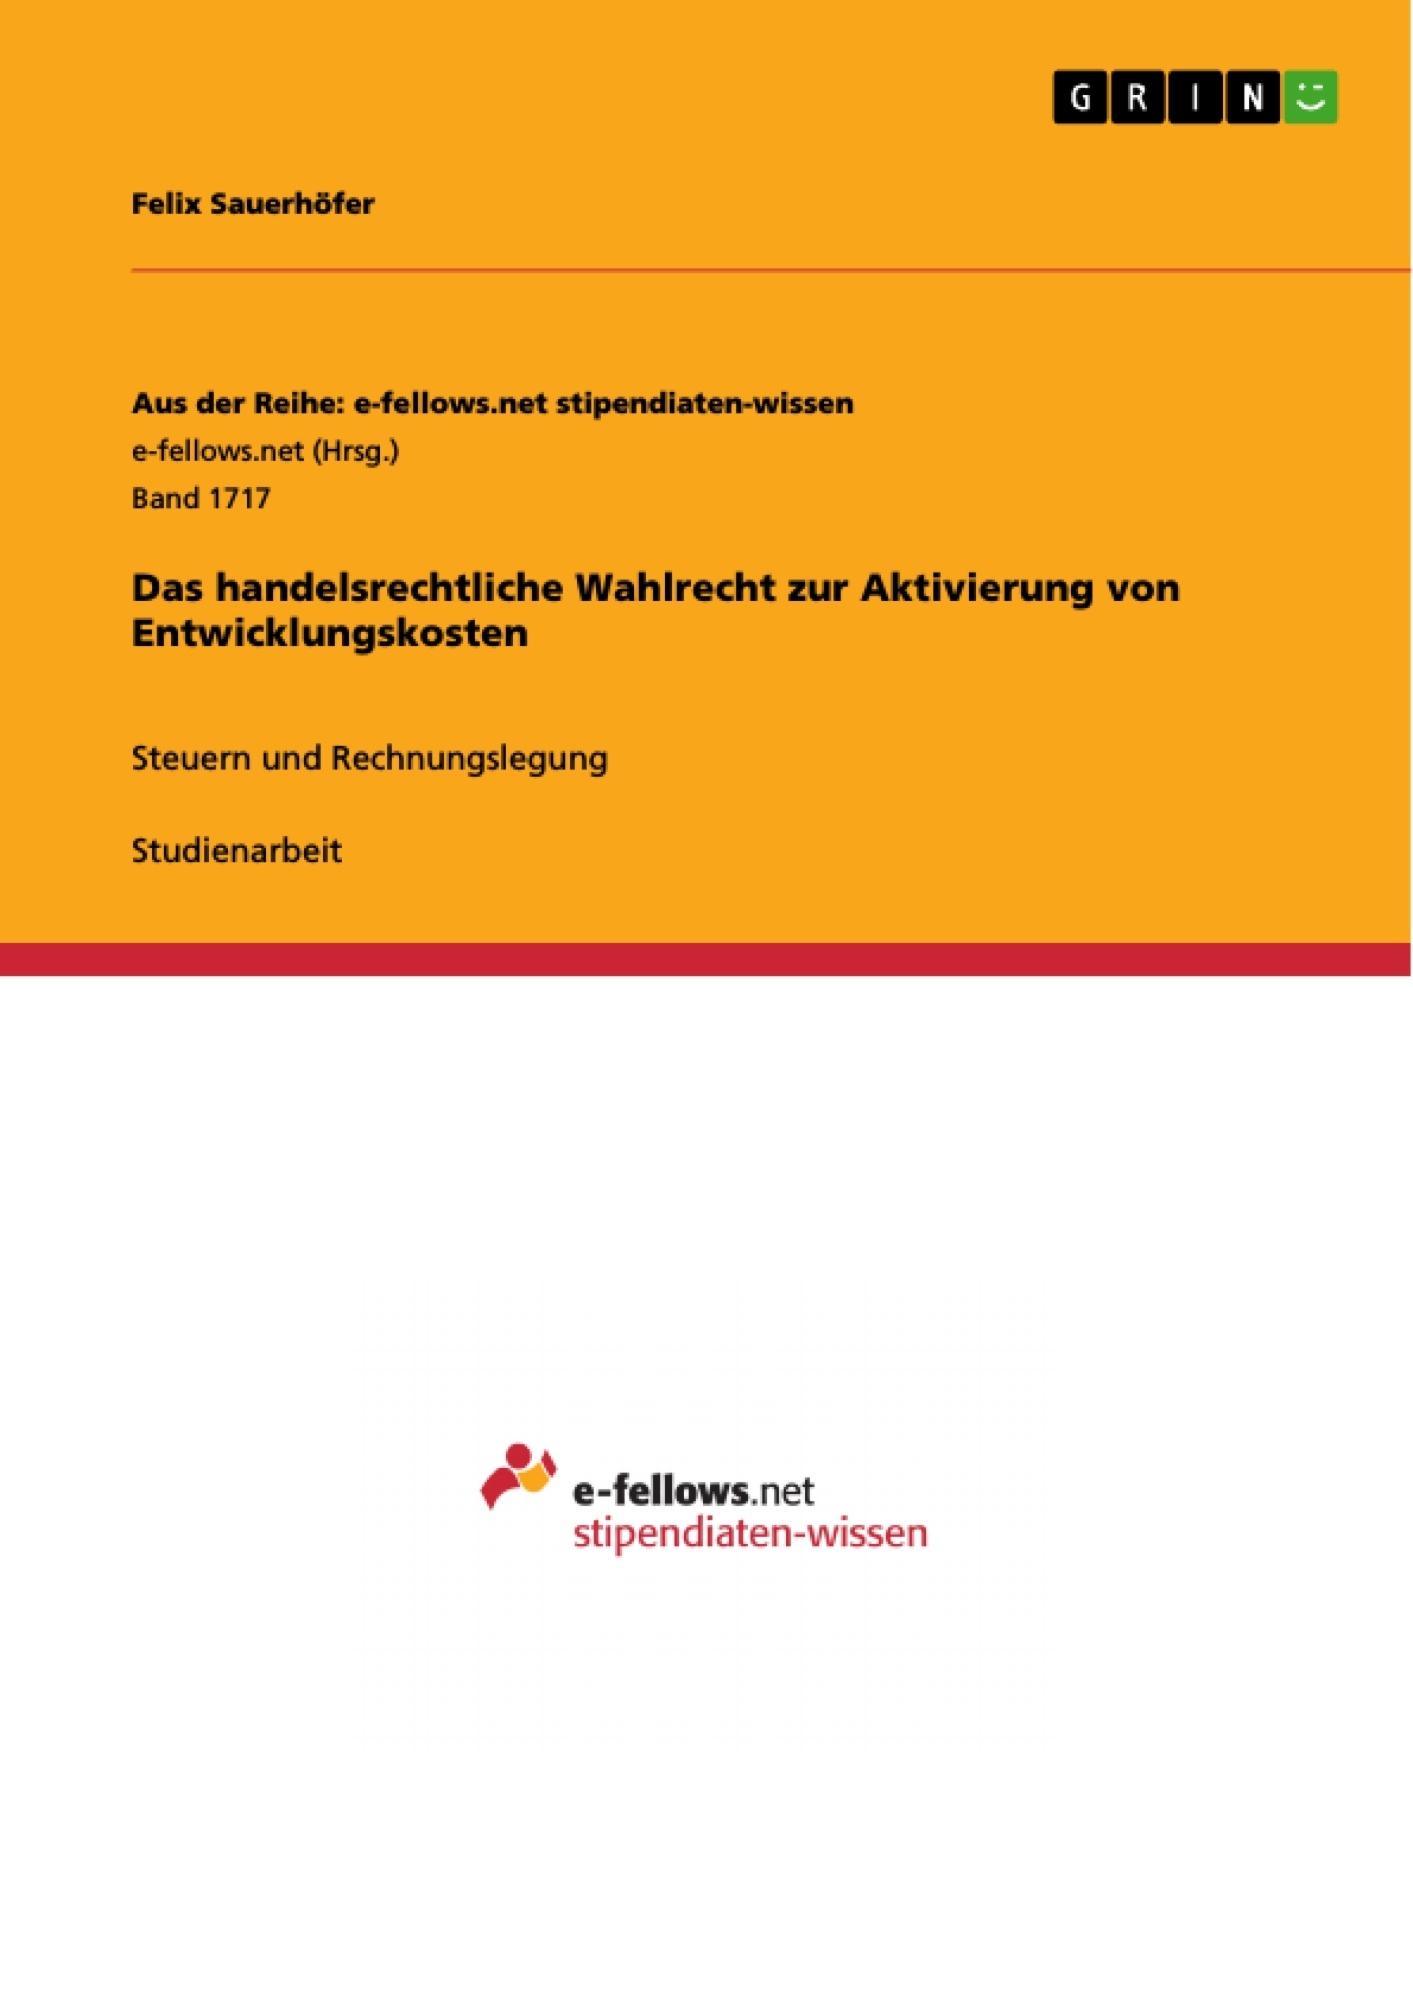 Titel: Das handelsrechtliche Wahlrecht zur Aktivierung von Entwicklungskosten